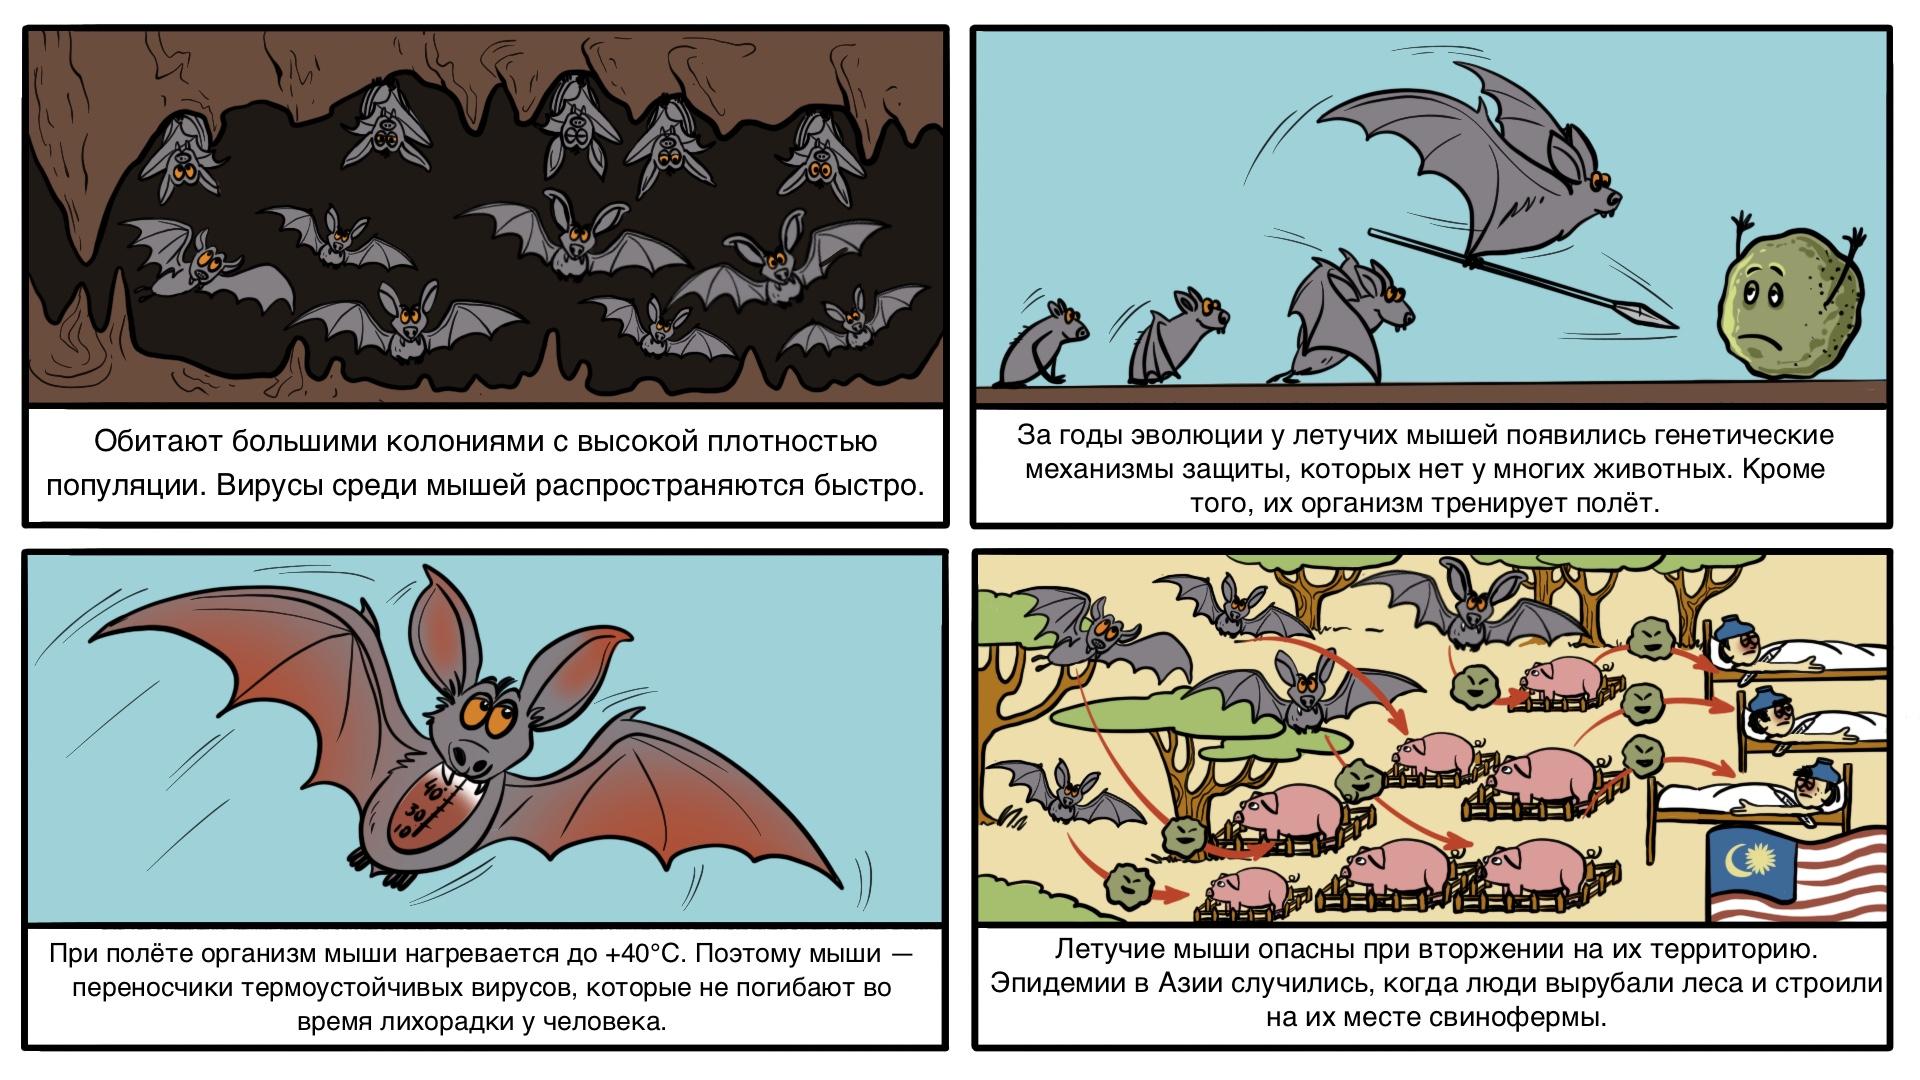 Боязнь мышей или музофобия: причины, признаки, лечение